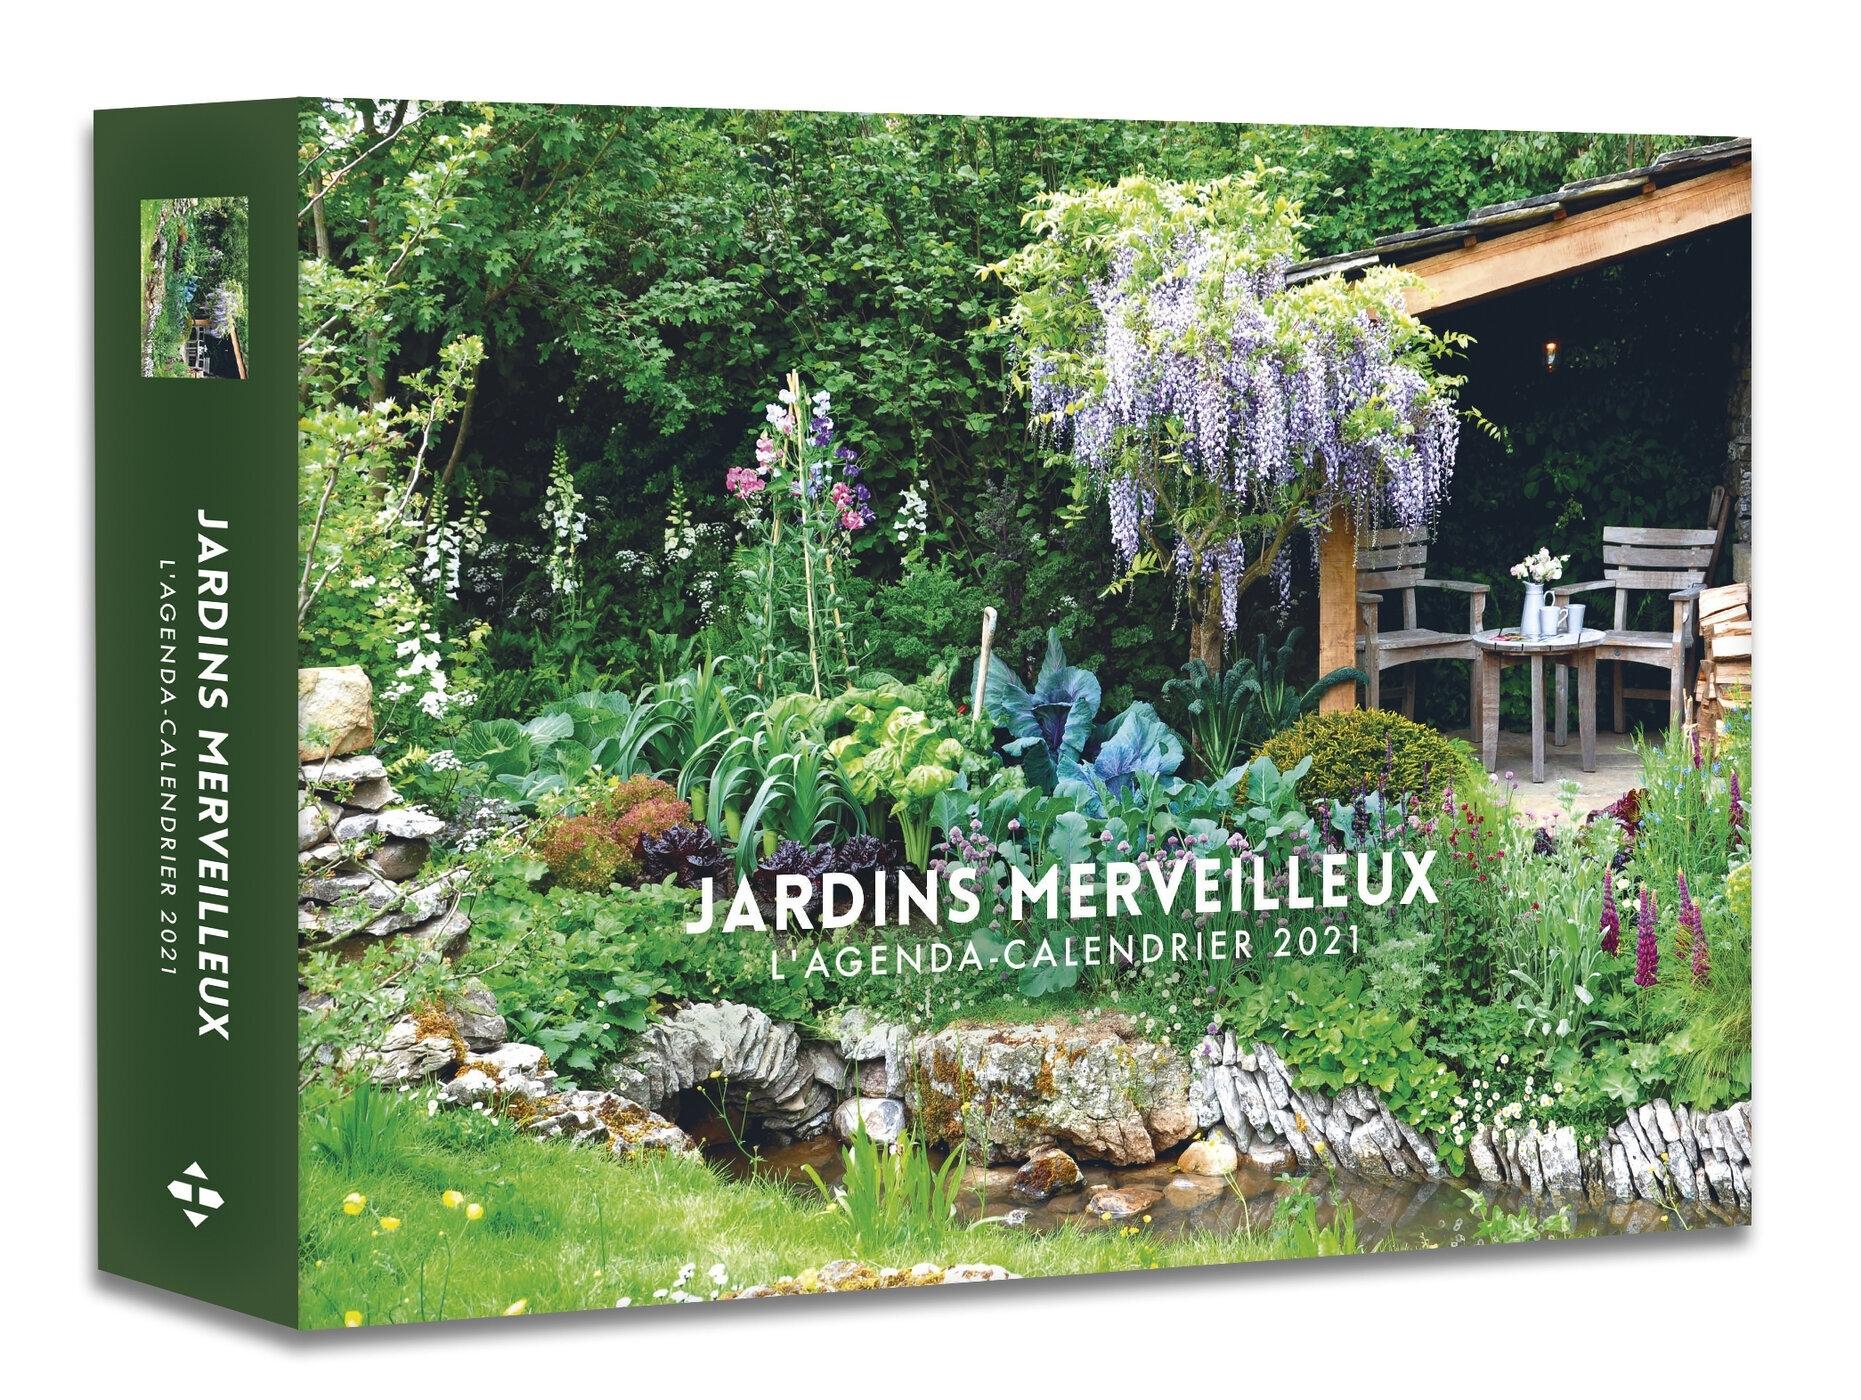 AGENDA CALENDRIER JARDINS MERVEILLEUX 2021